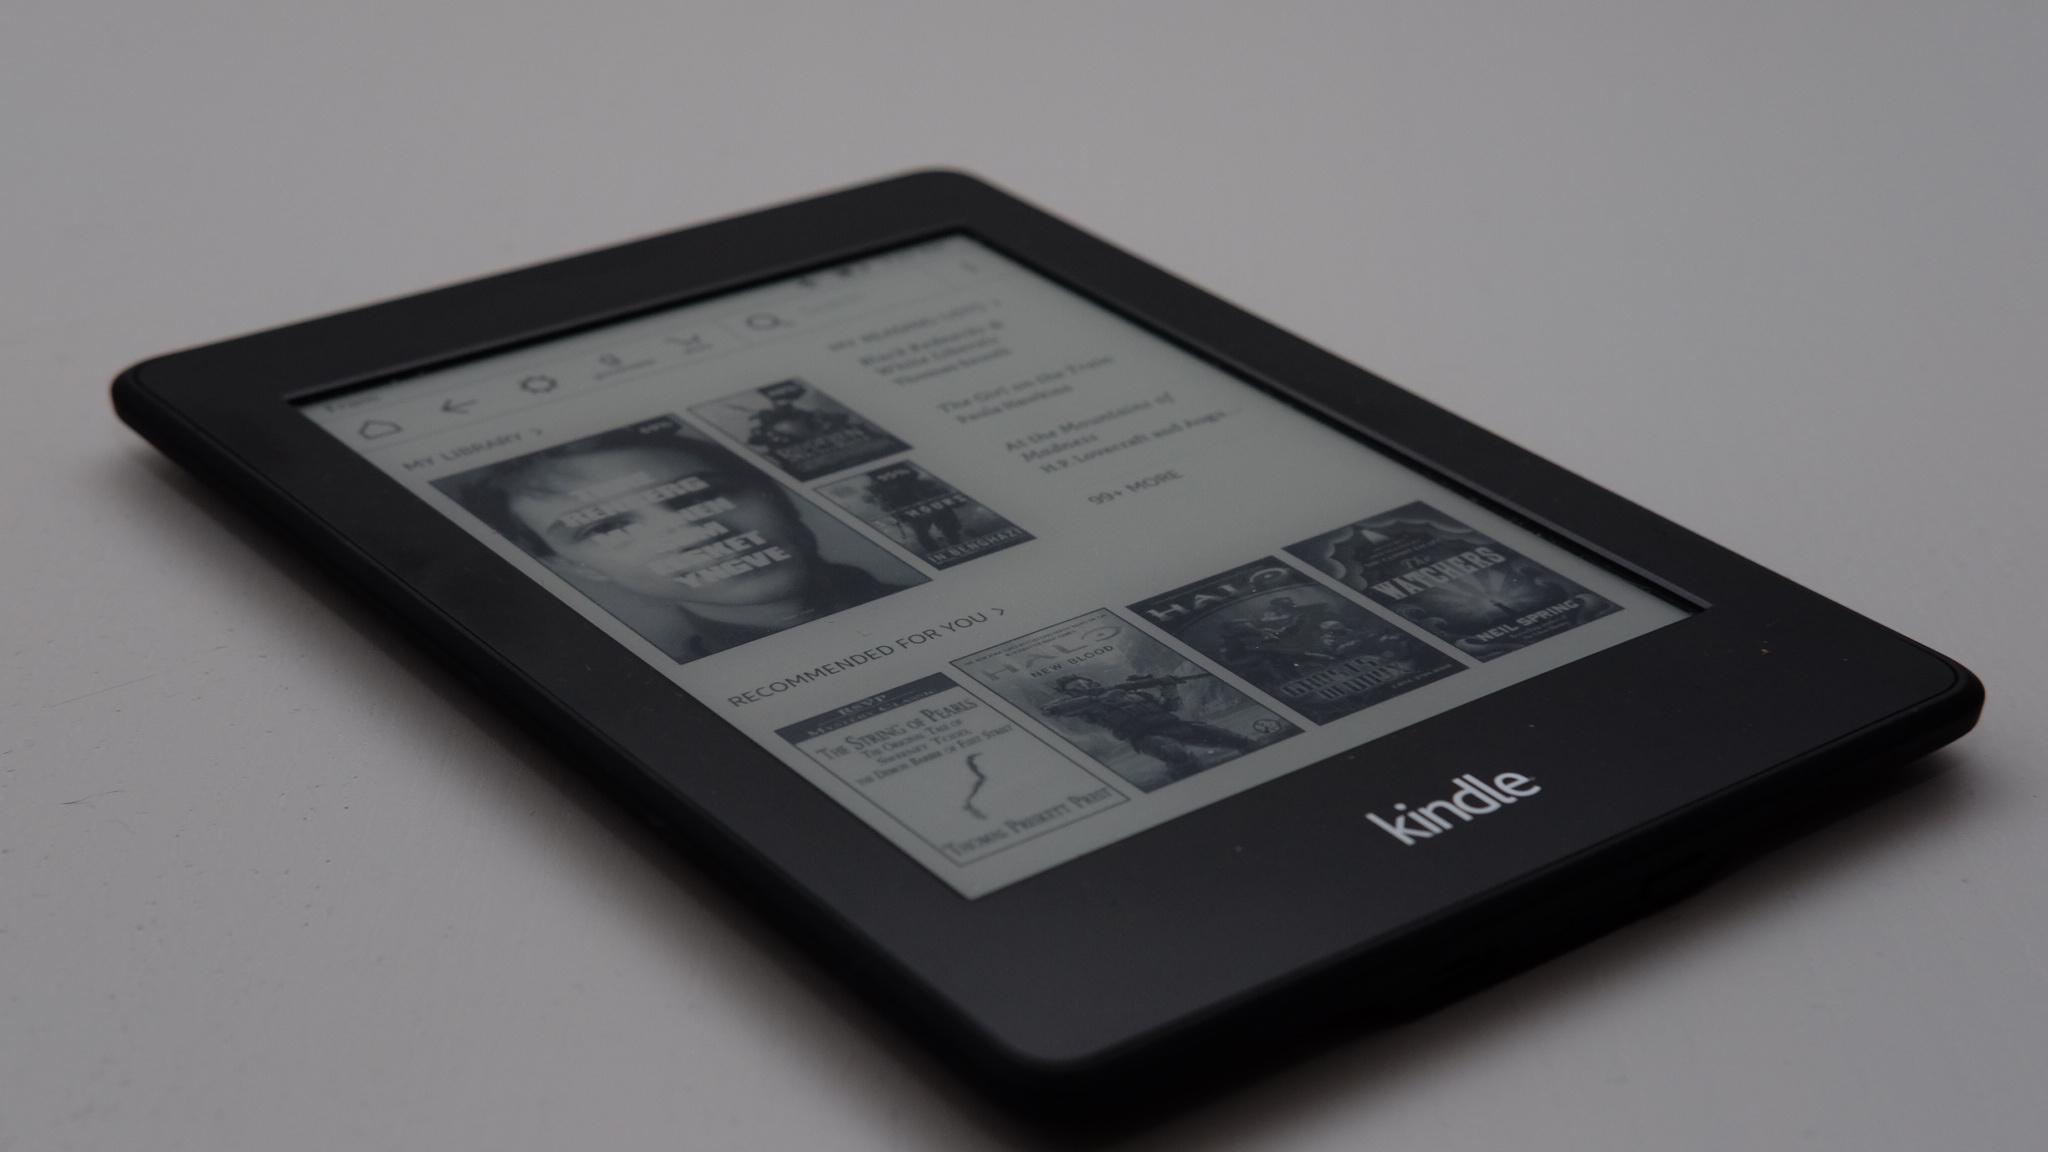 E-bok-salget gikk ned med nesten 20 prosent i 2016, mens salget av fysiske bøker gikk opp igjen.